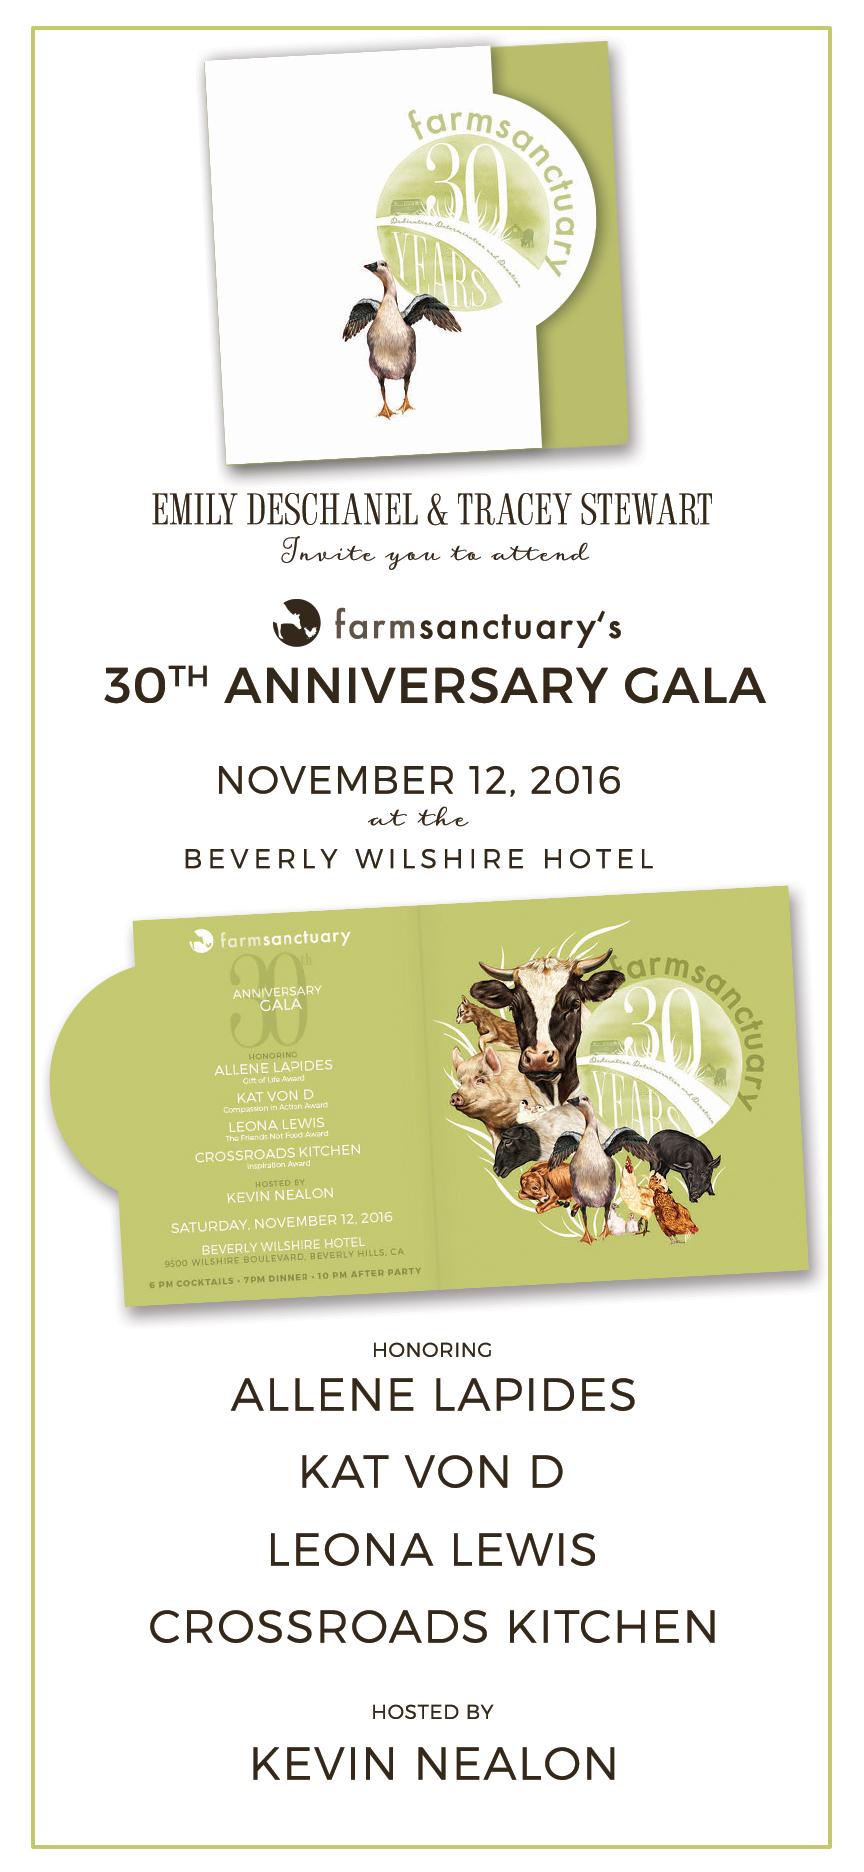 farmsanctuary_30th-anniversary-gala-digital-invite